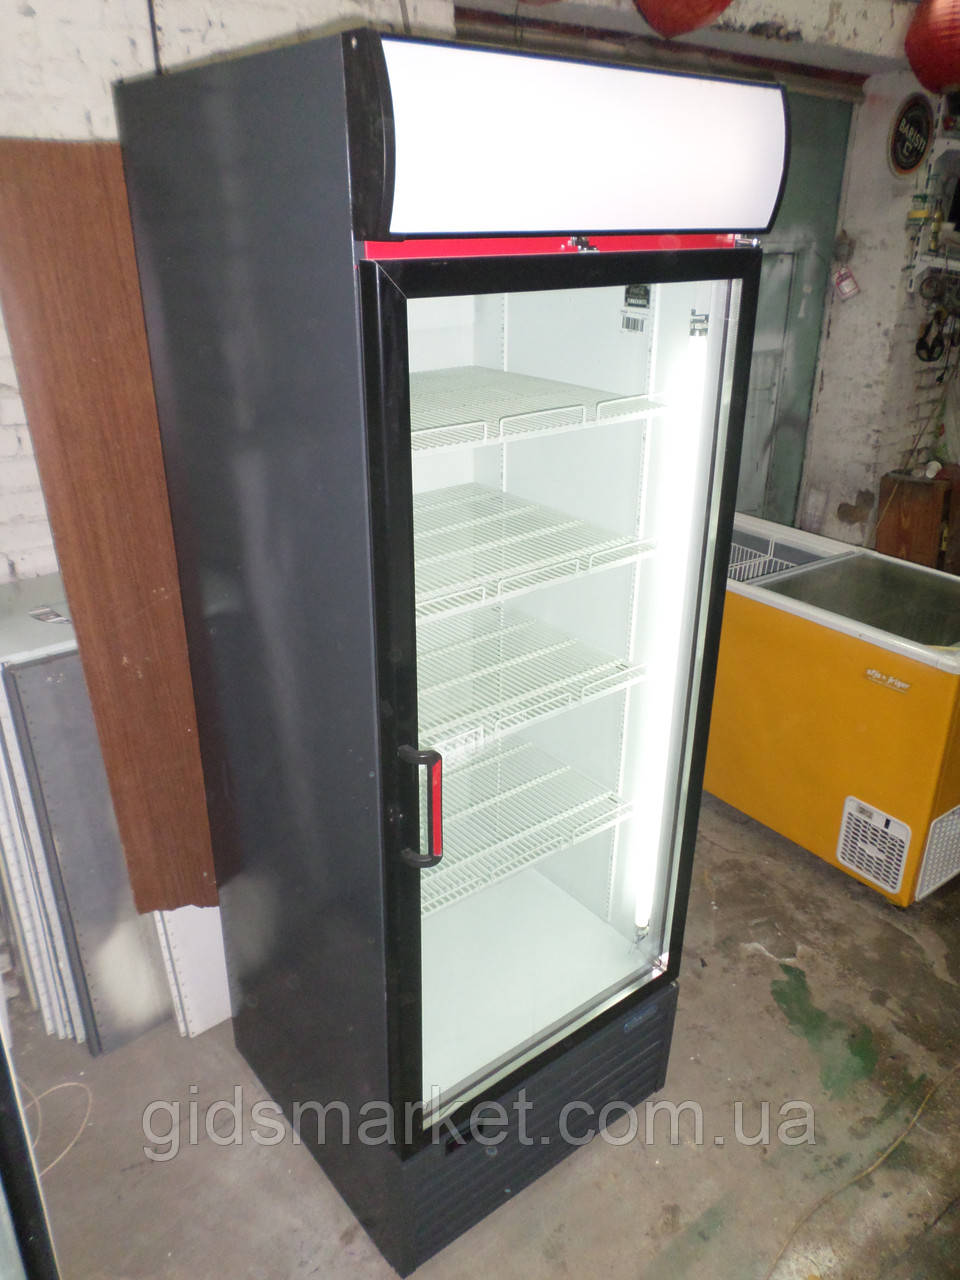 Холодильник однодверный Frigorex 500 л. б у., холодильный шкаф б у.